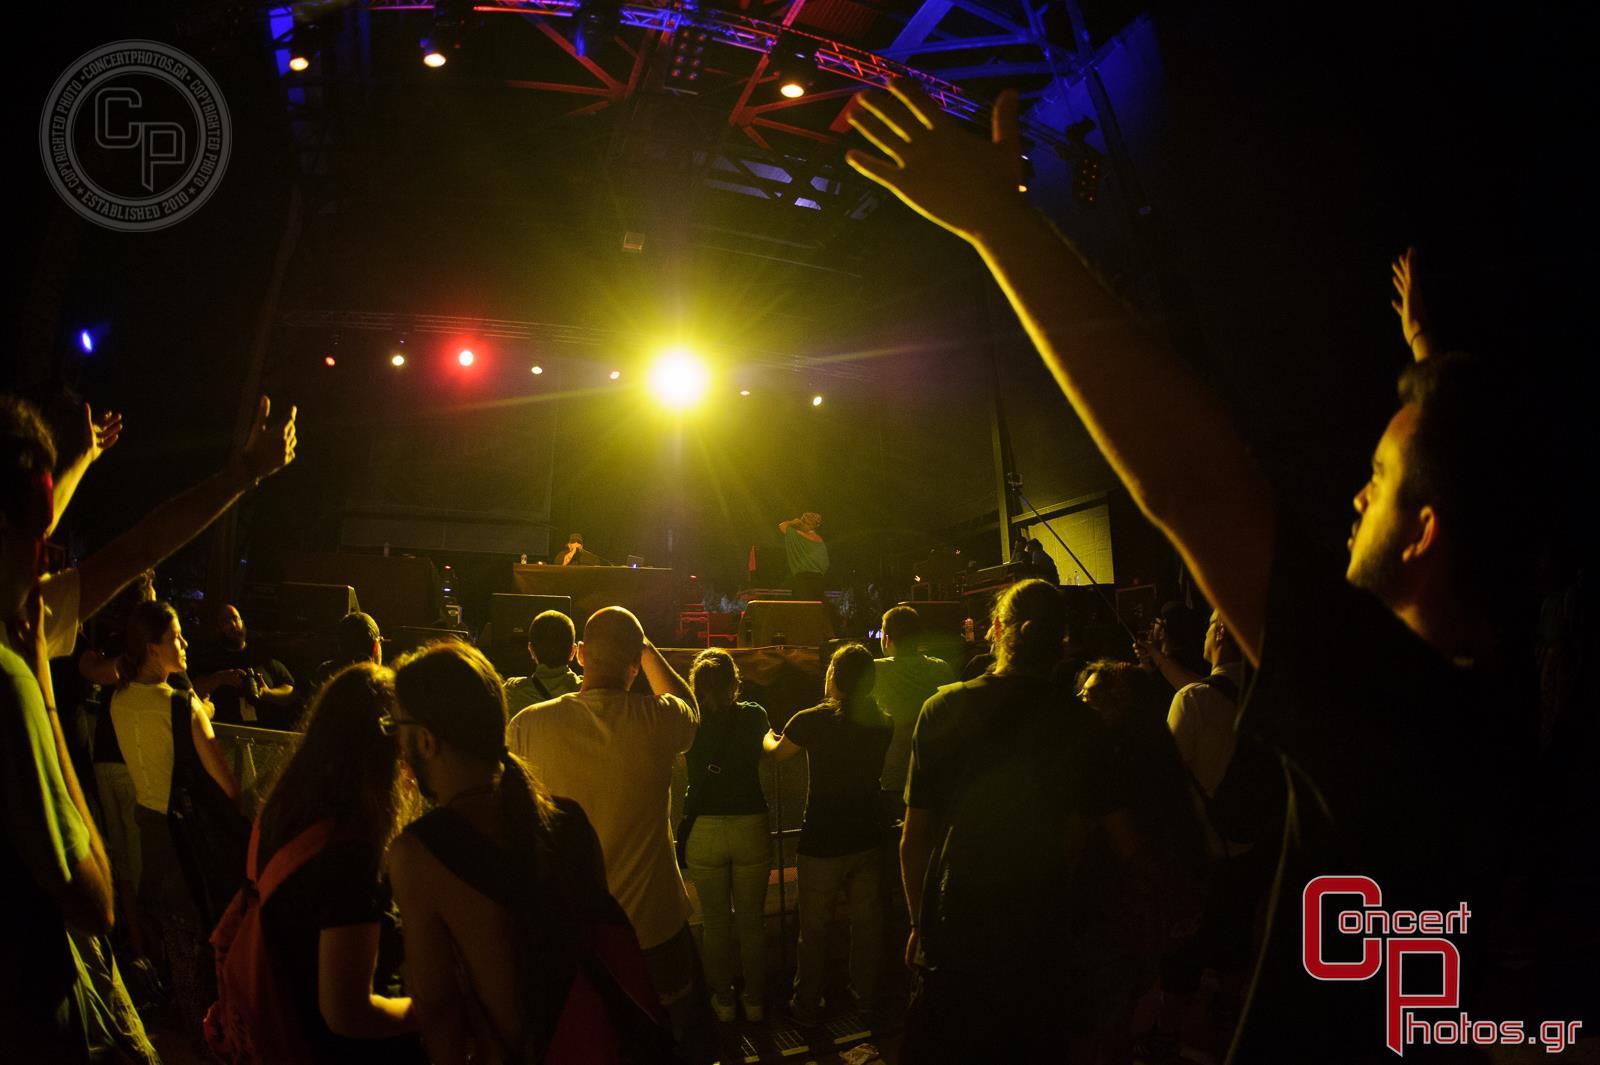 Rockwave 2014-Rockwave 2014 - Day 1 photographer:  - Rockwave-2014-153